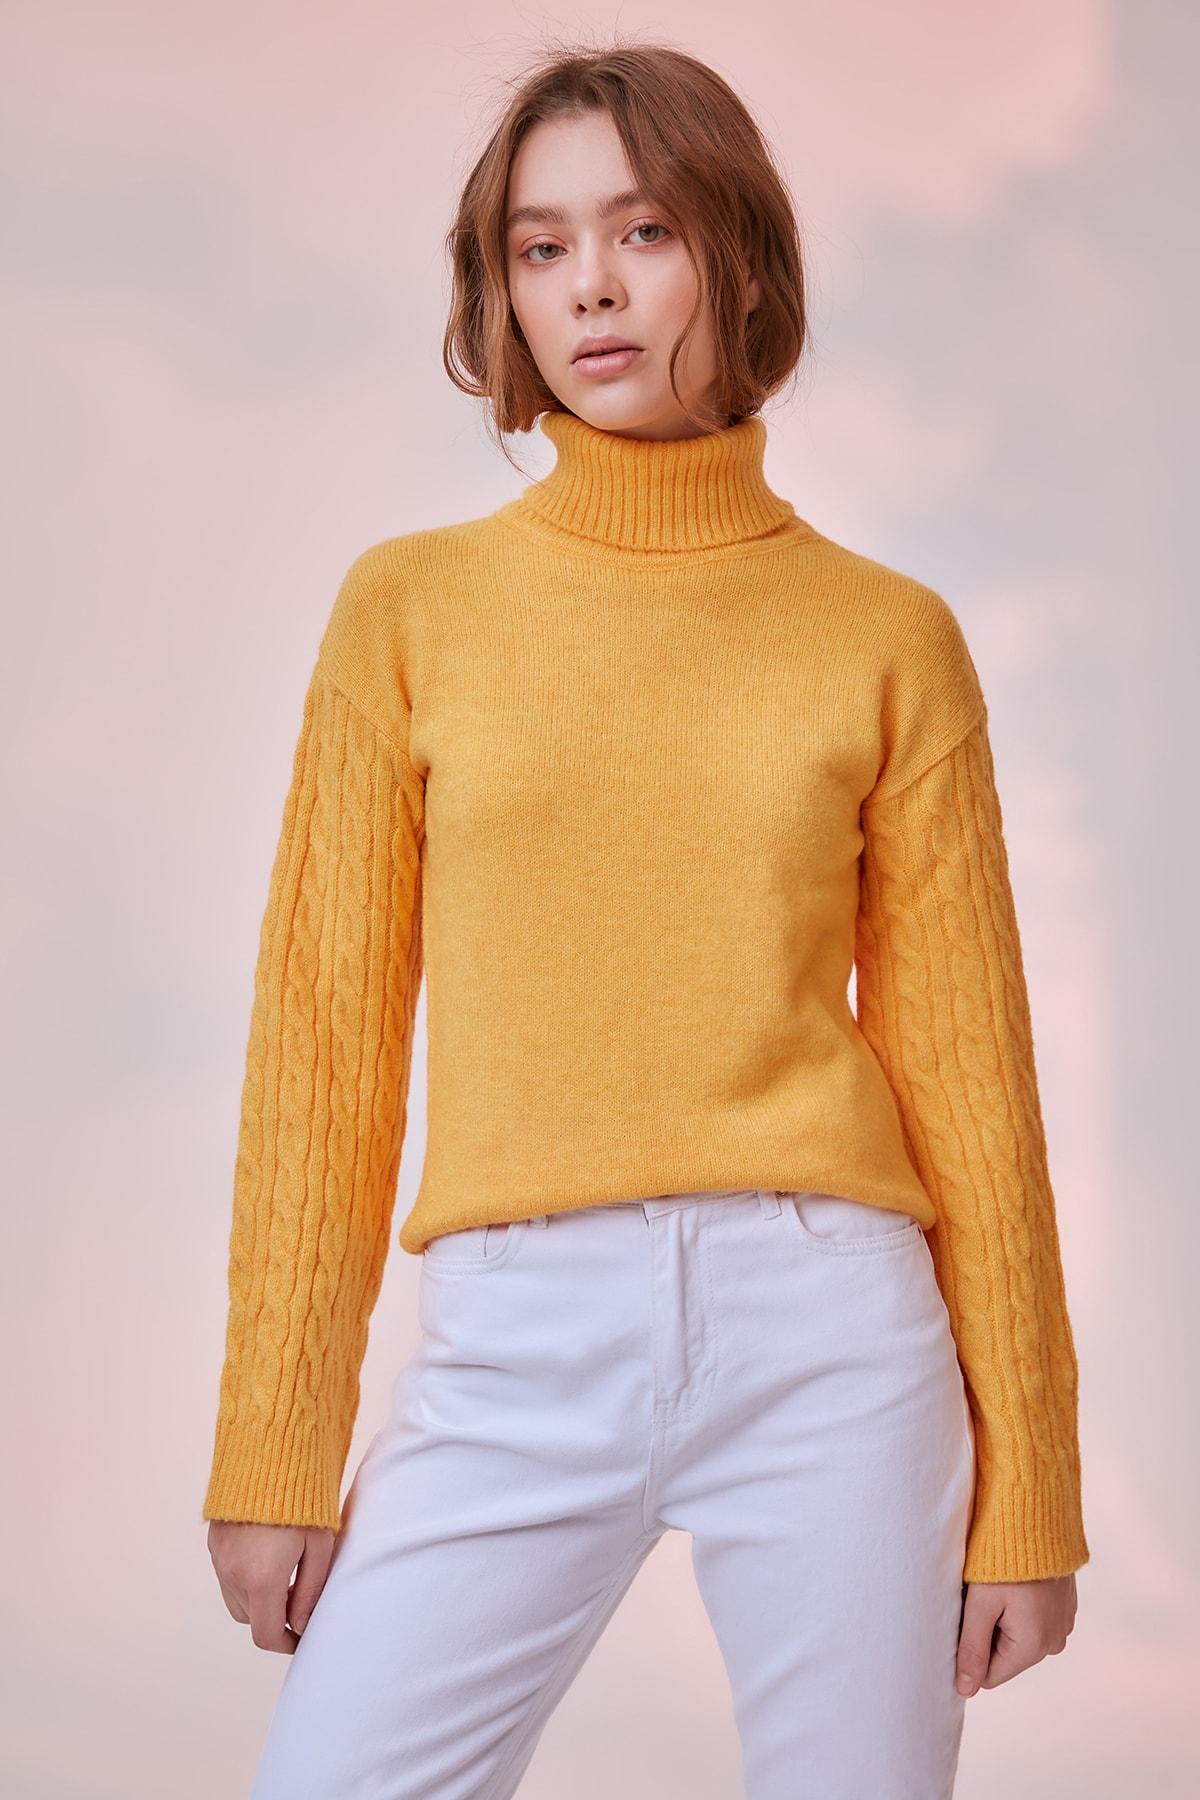 Trendyol Handle Hair Braided Knitwear Sweater TWOAW20KZ0612